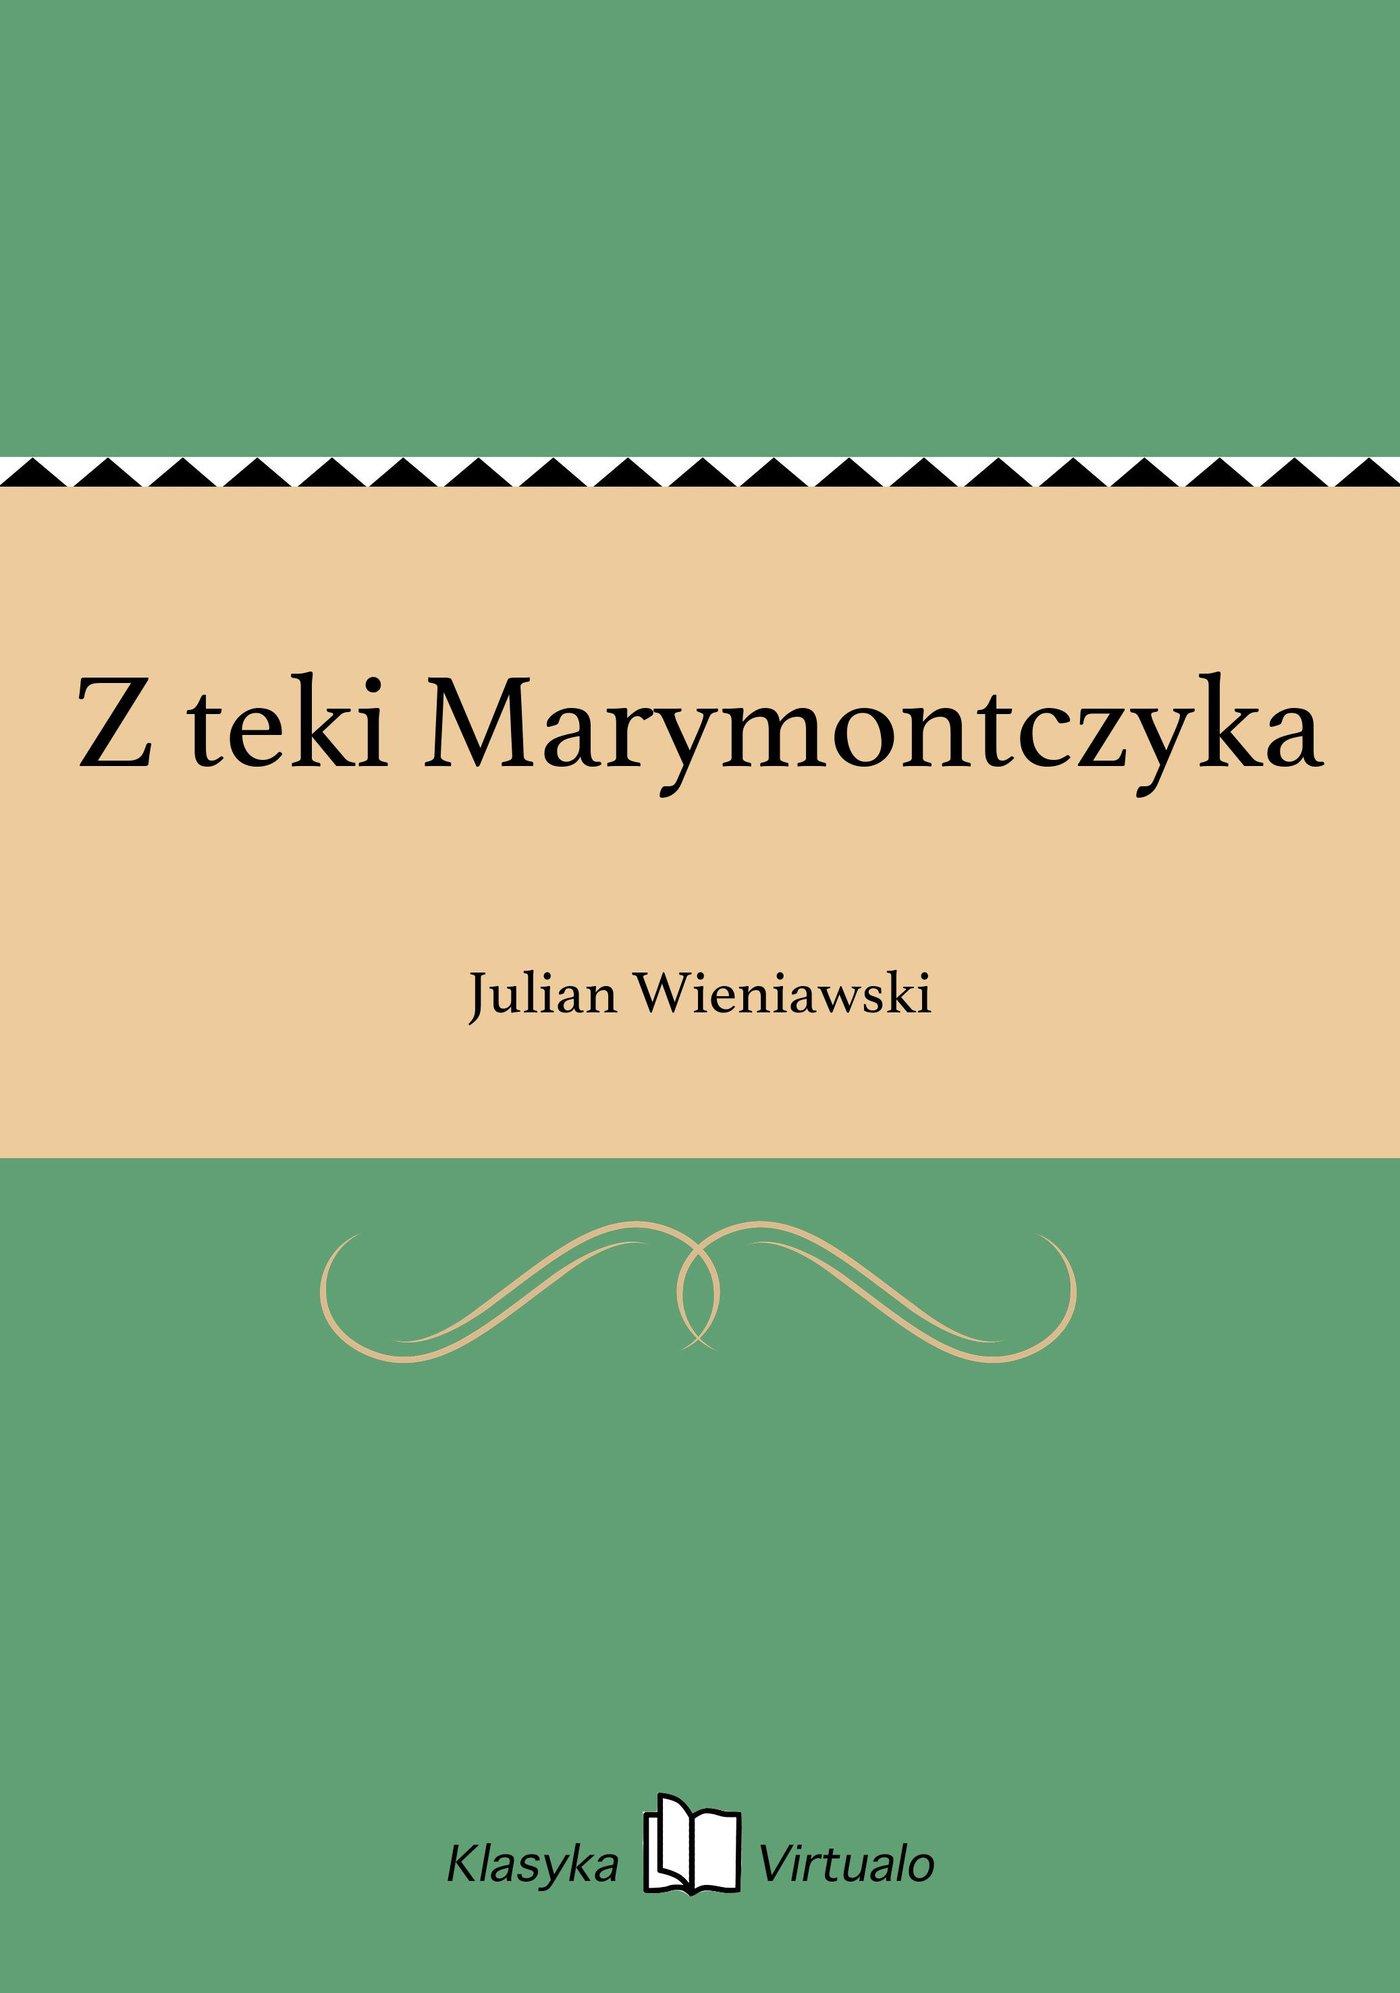 Z teki Marymontczyka - Ebook (Książka EPUB) do pobrania w formacie EPUB